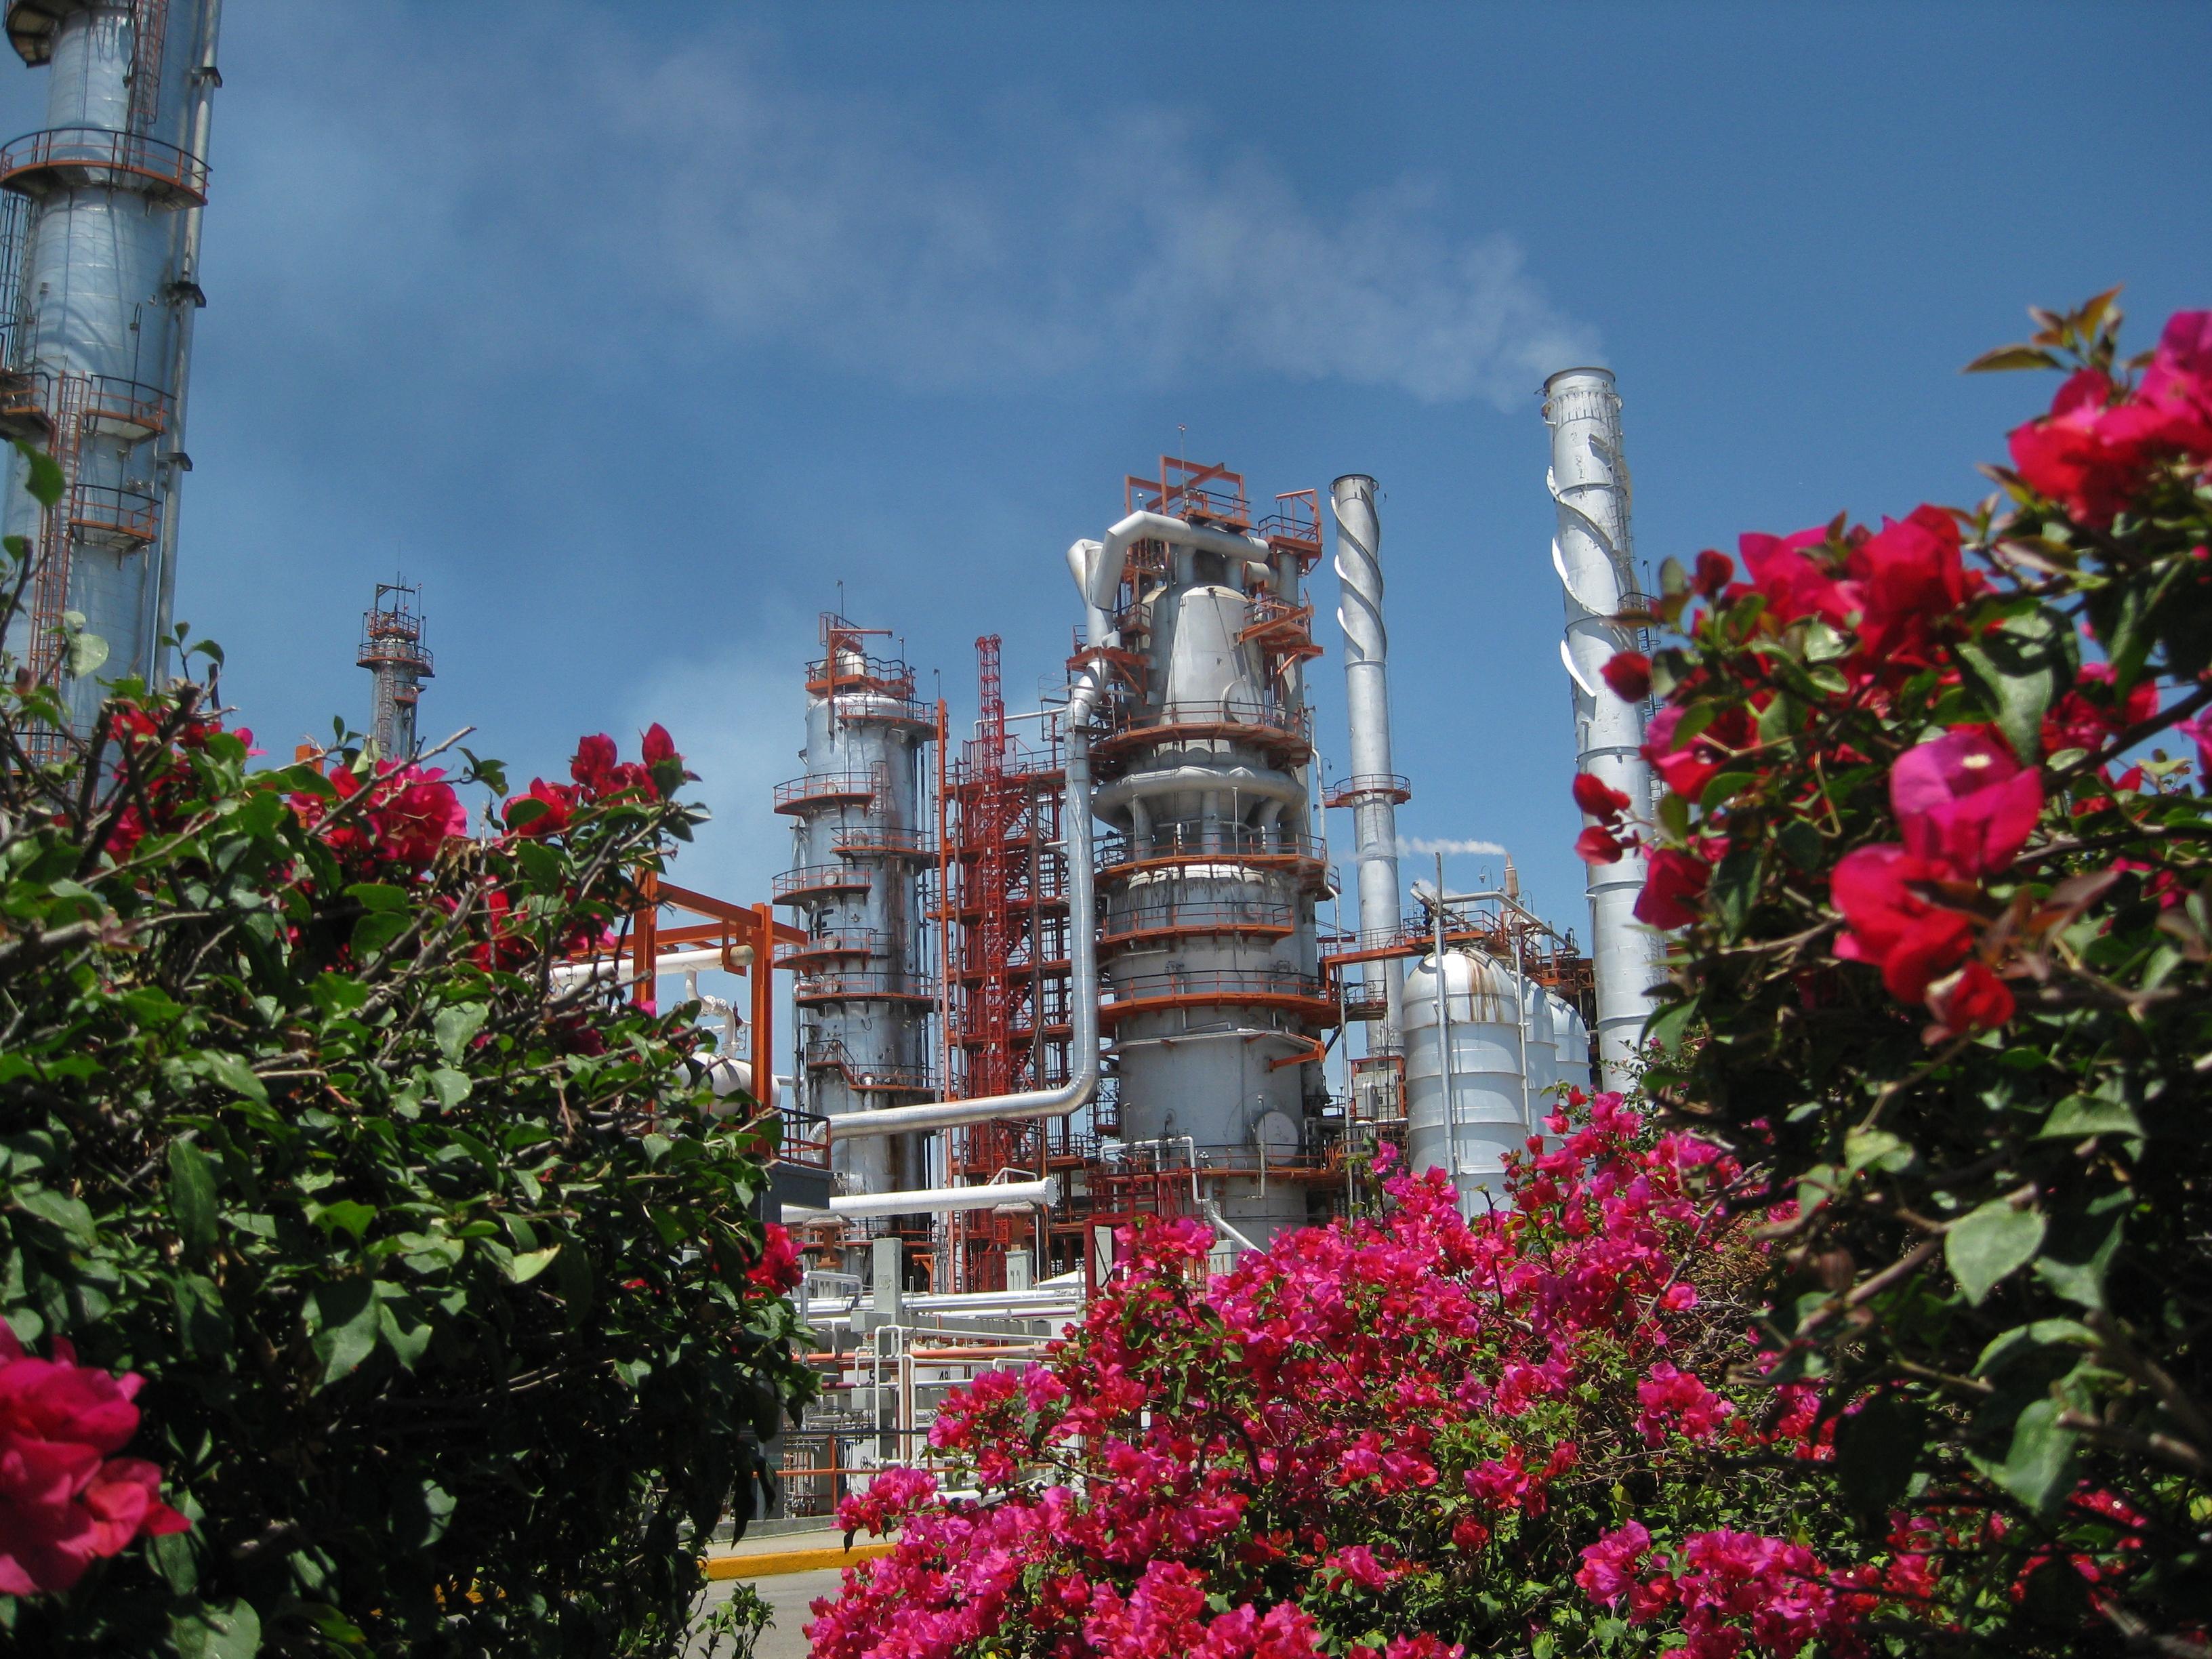 Industria de la refinación